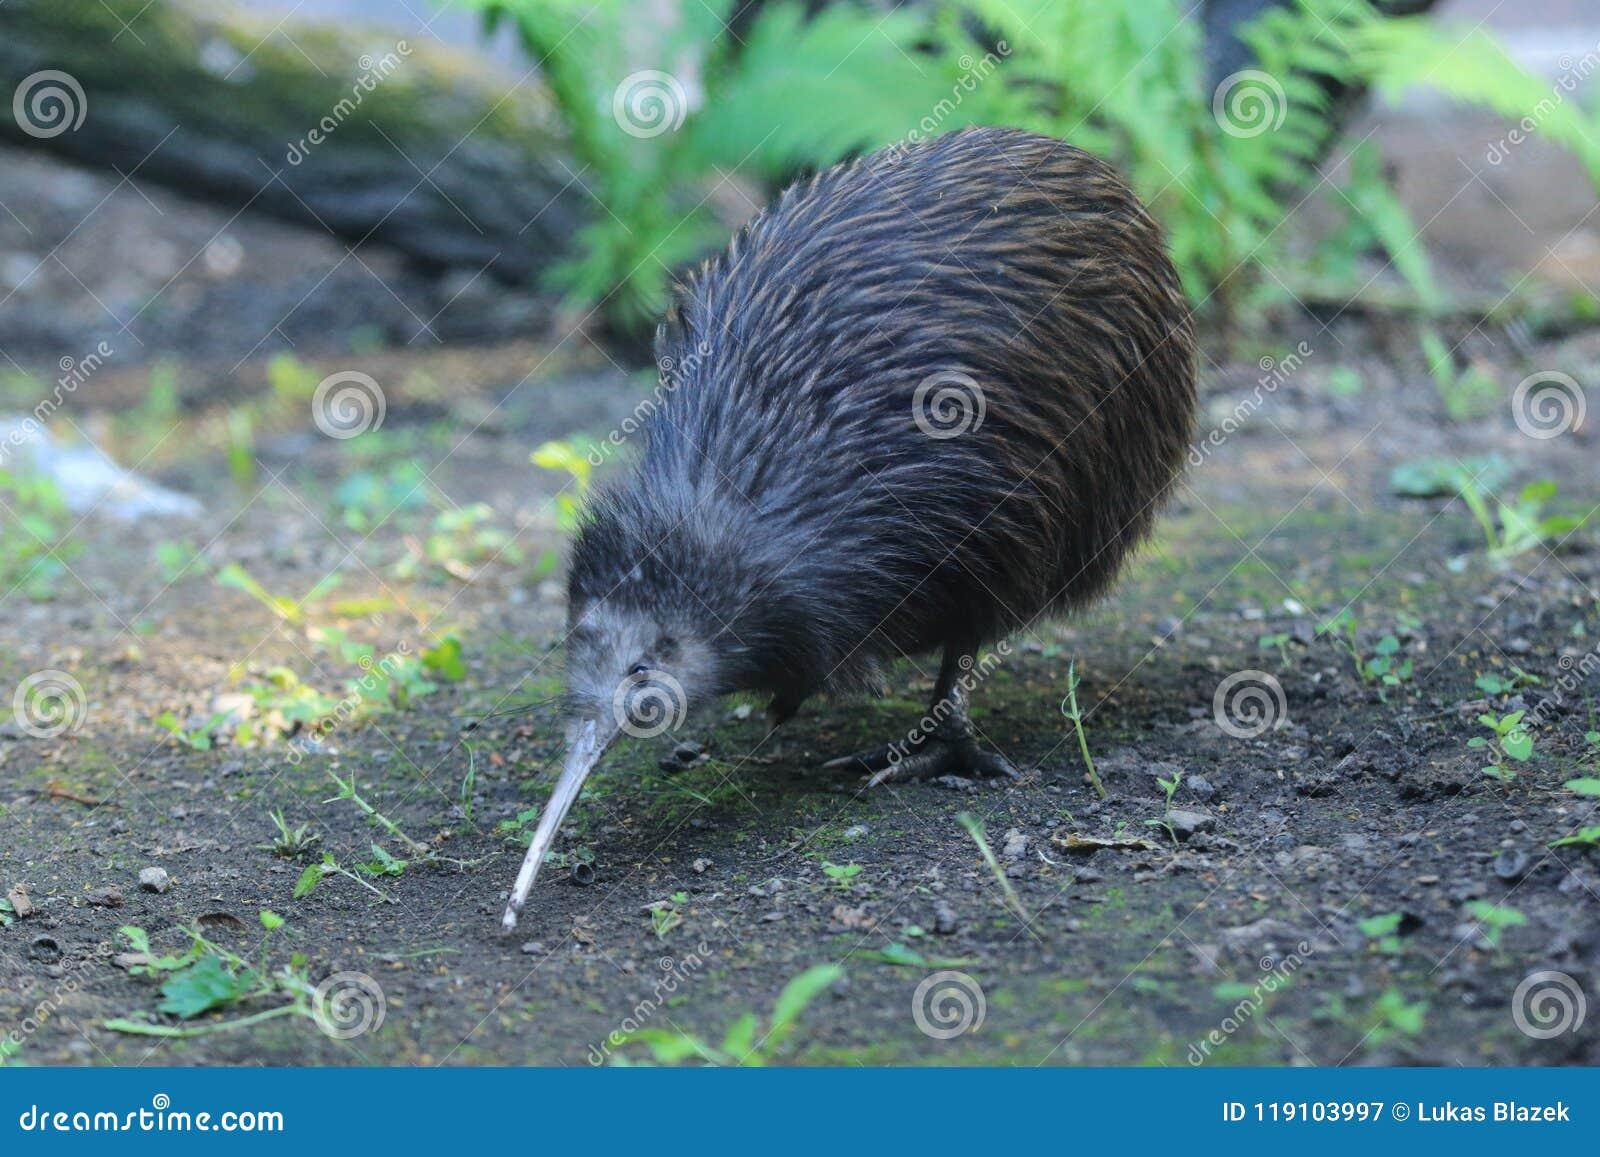 Northern brown kiwi